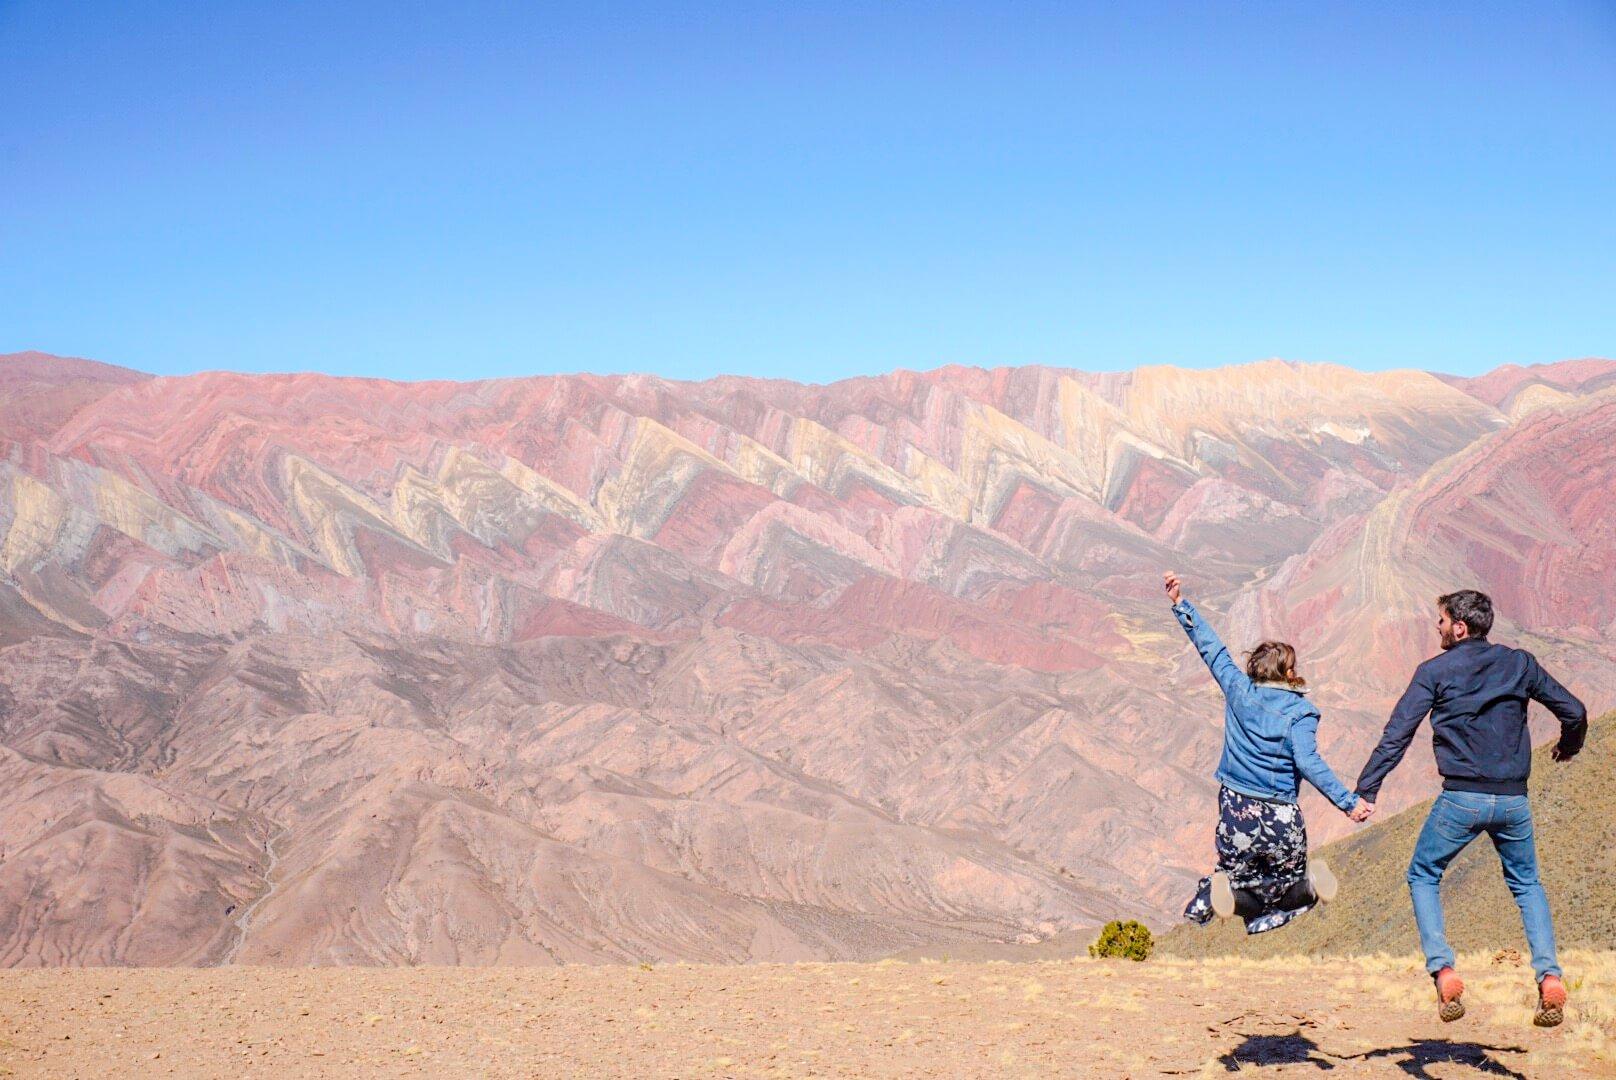 el hornocal montagne aux 14 couleurs argentine nord blog